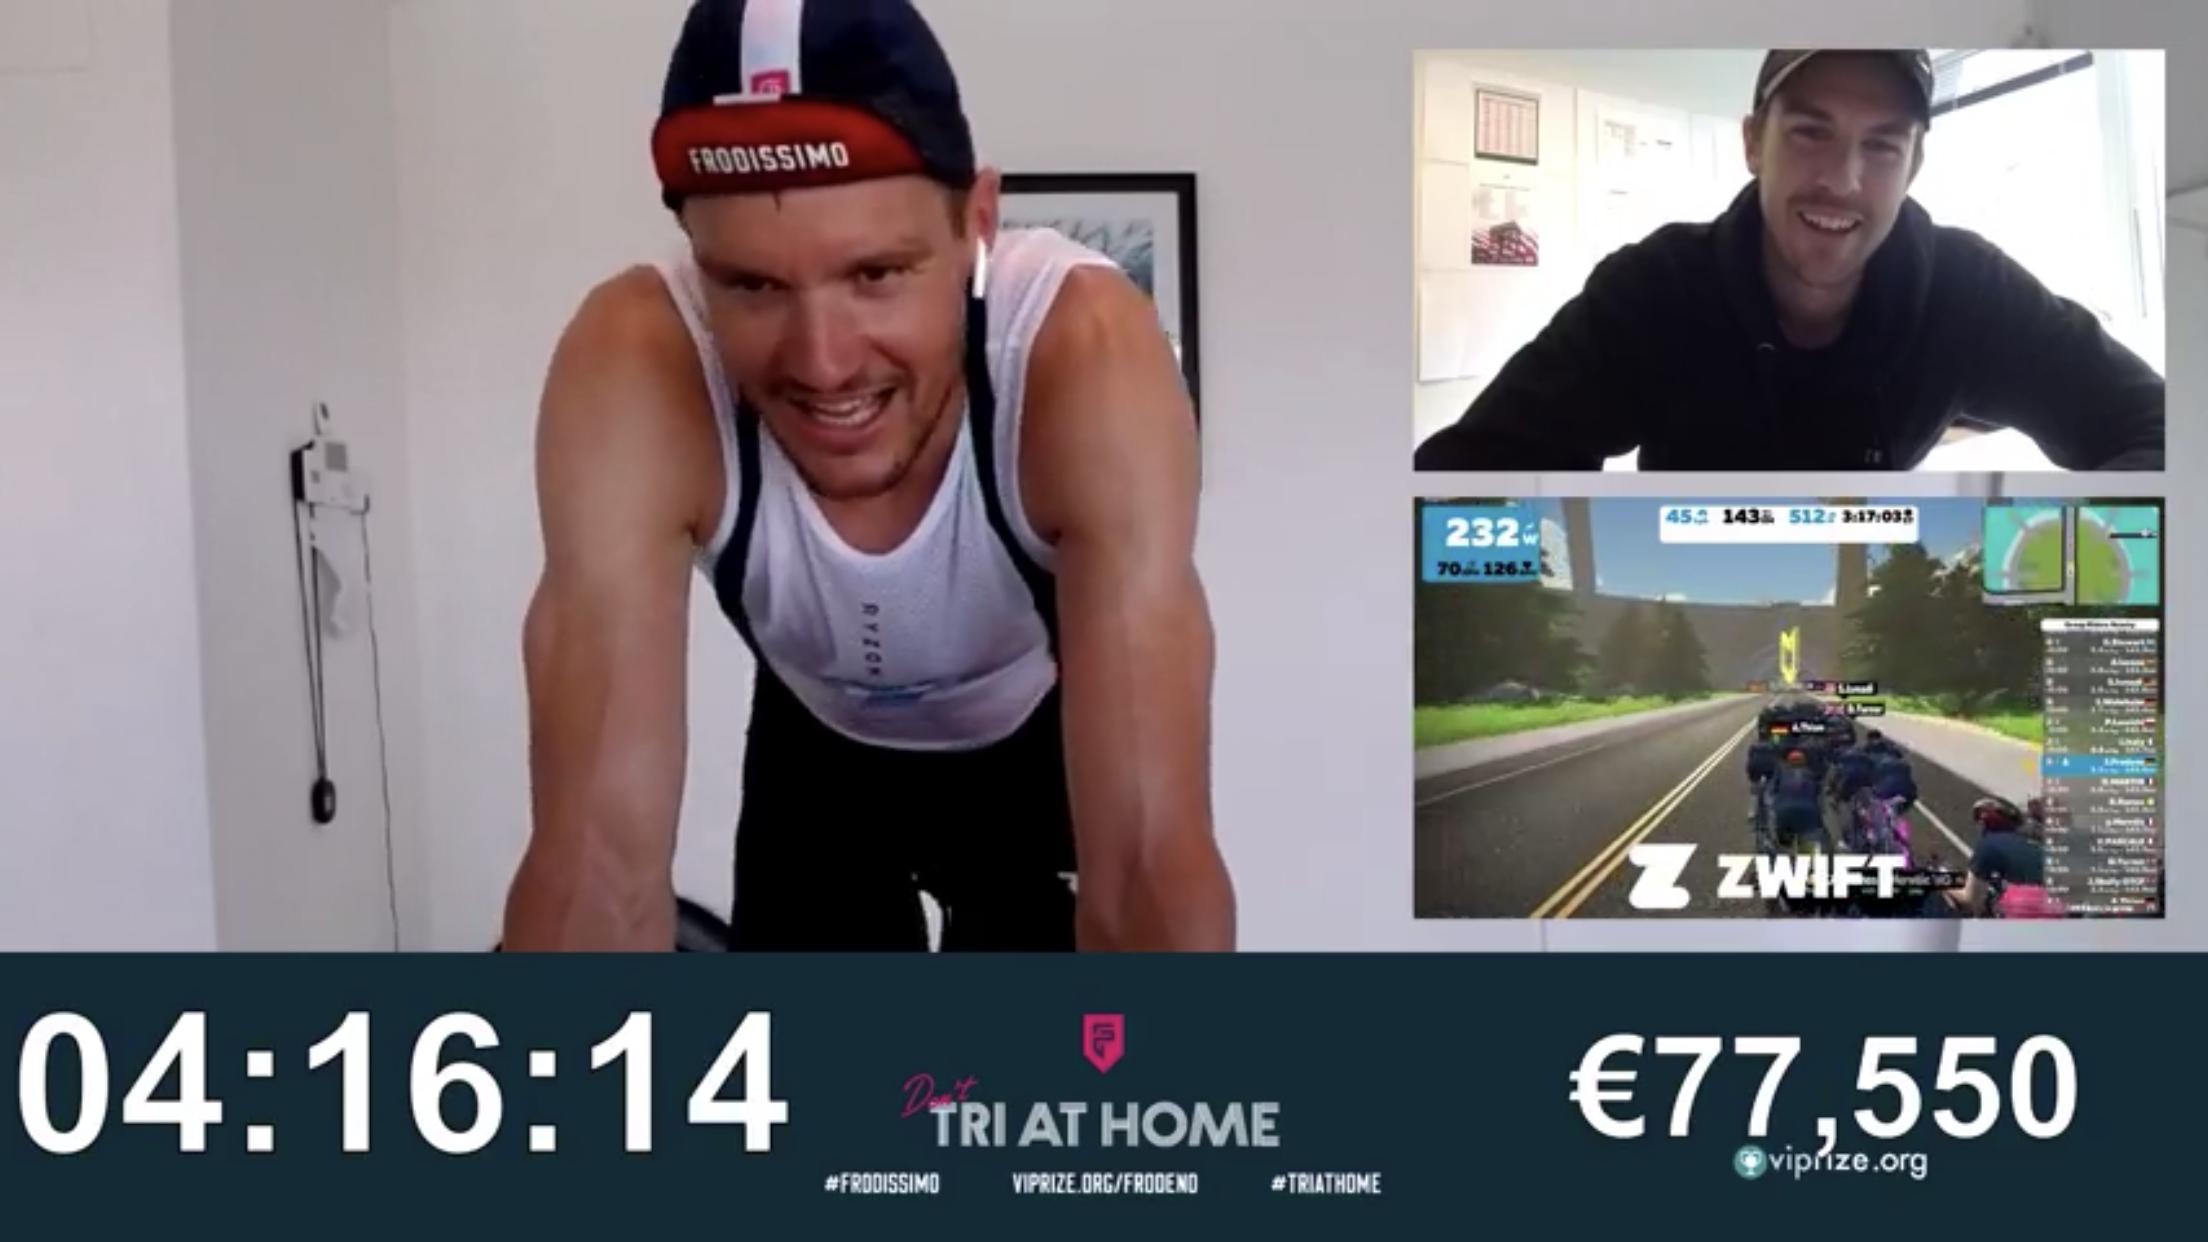 Jan Frodeno completa un Ironman en su casa